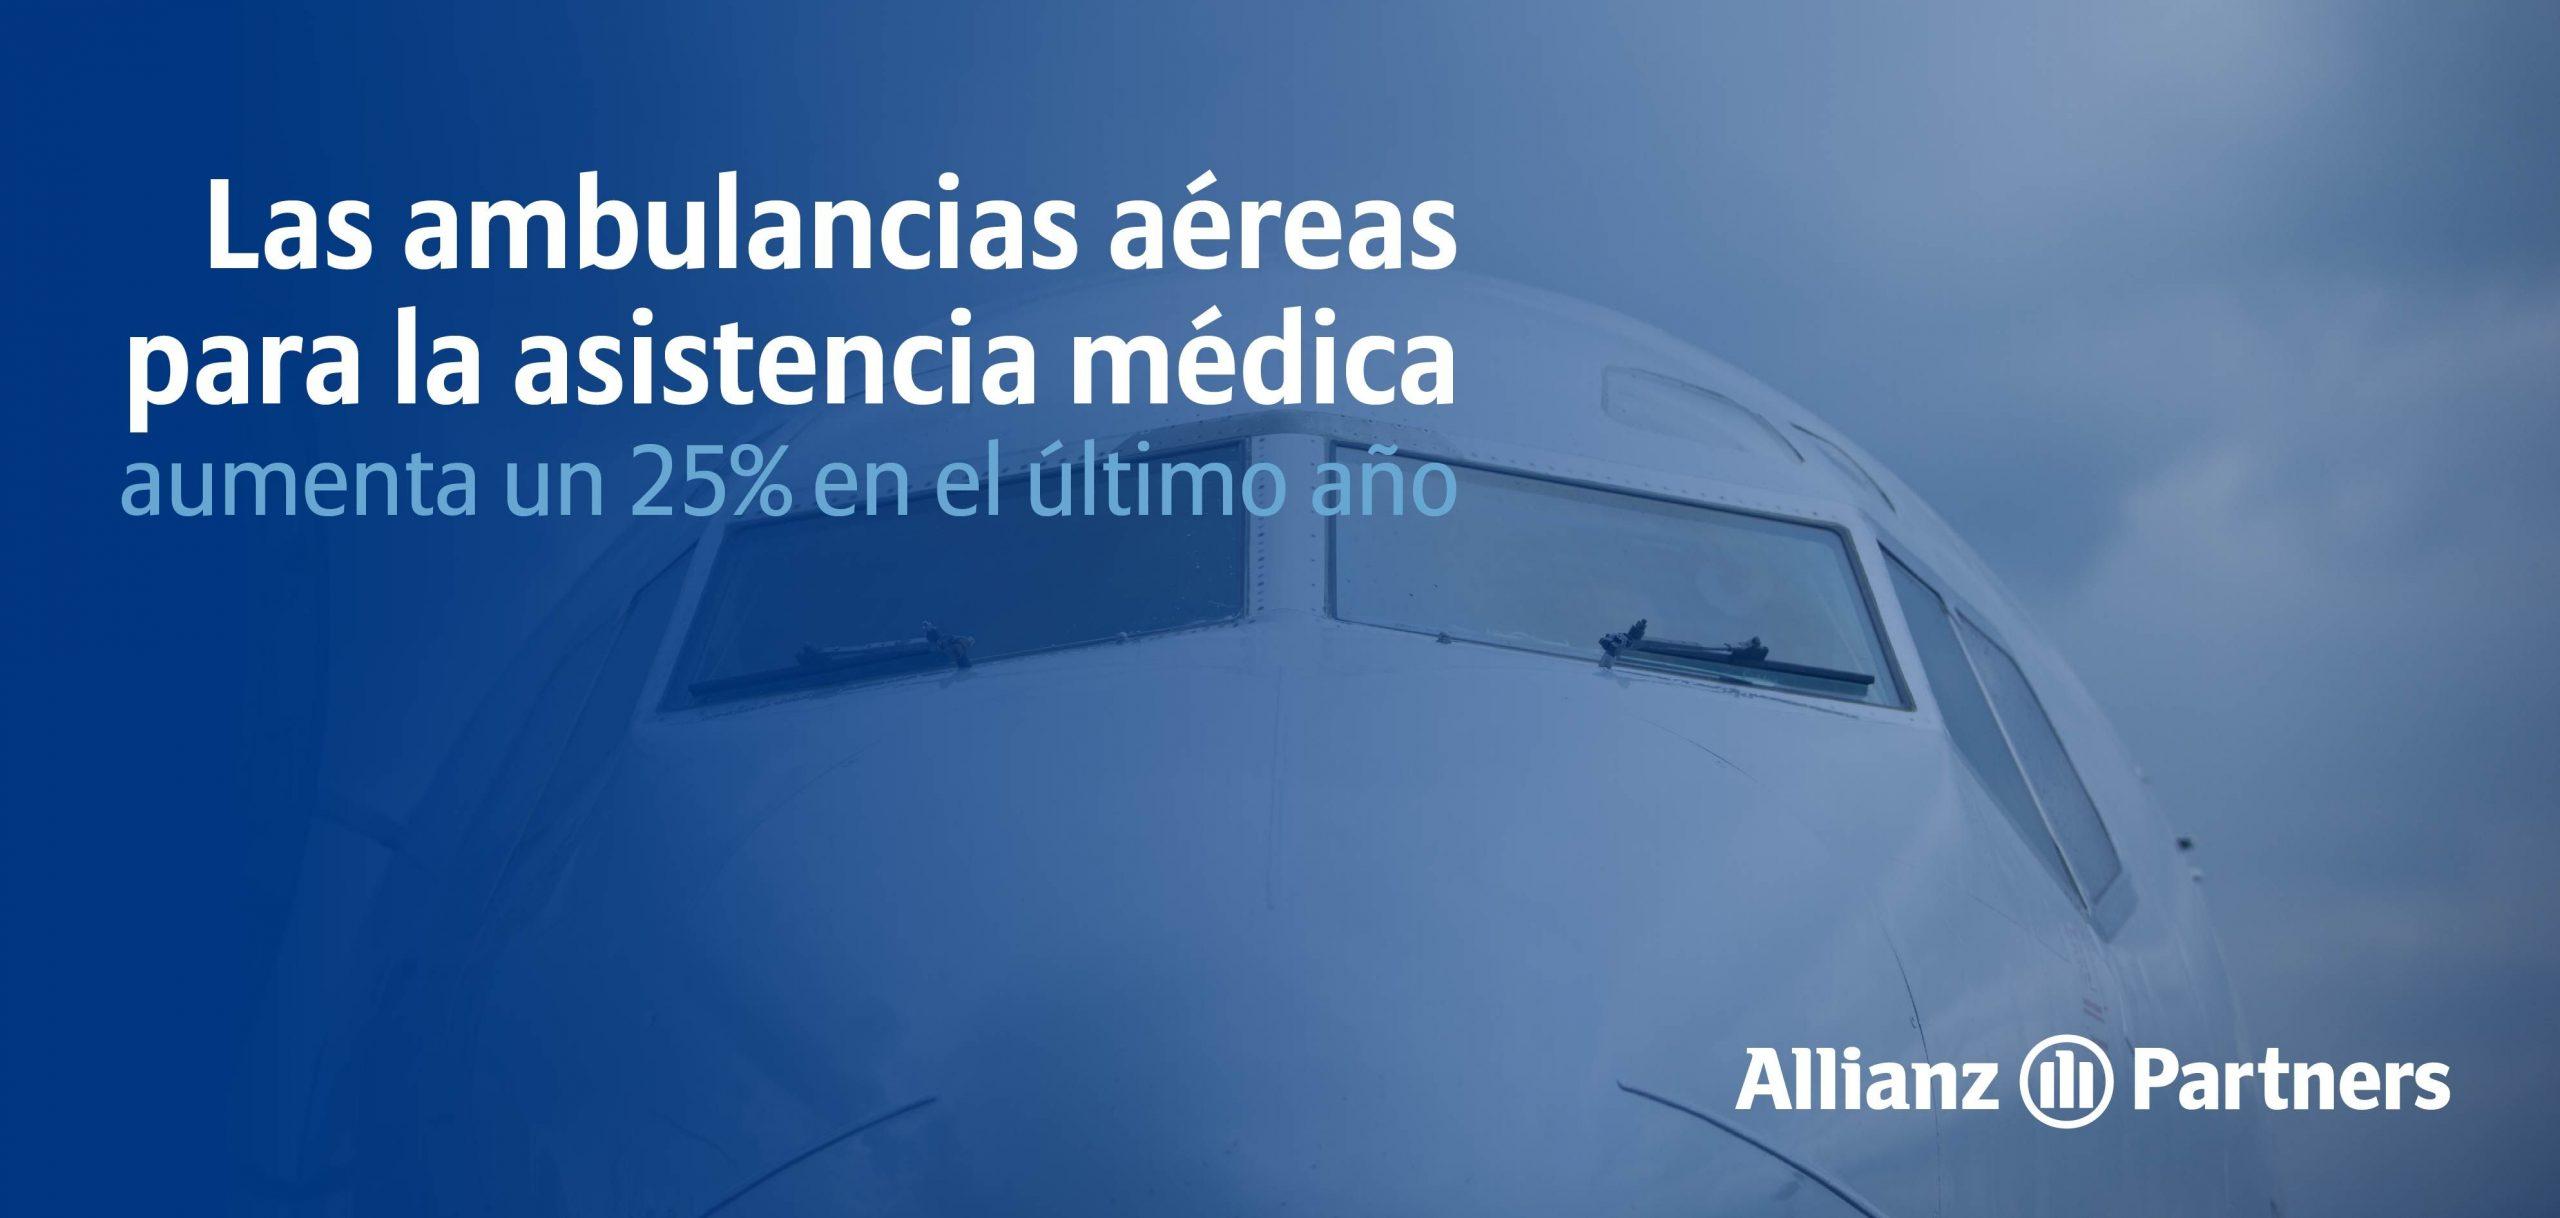 Las ambulancias aéreas para asistencia médica aumentan en un 25% en el último año, según Allianz Partners